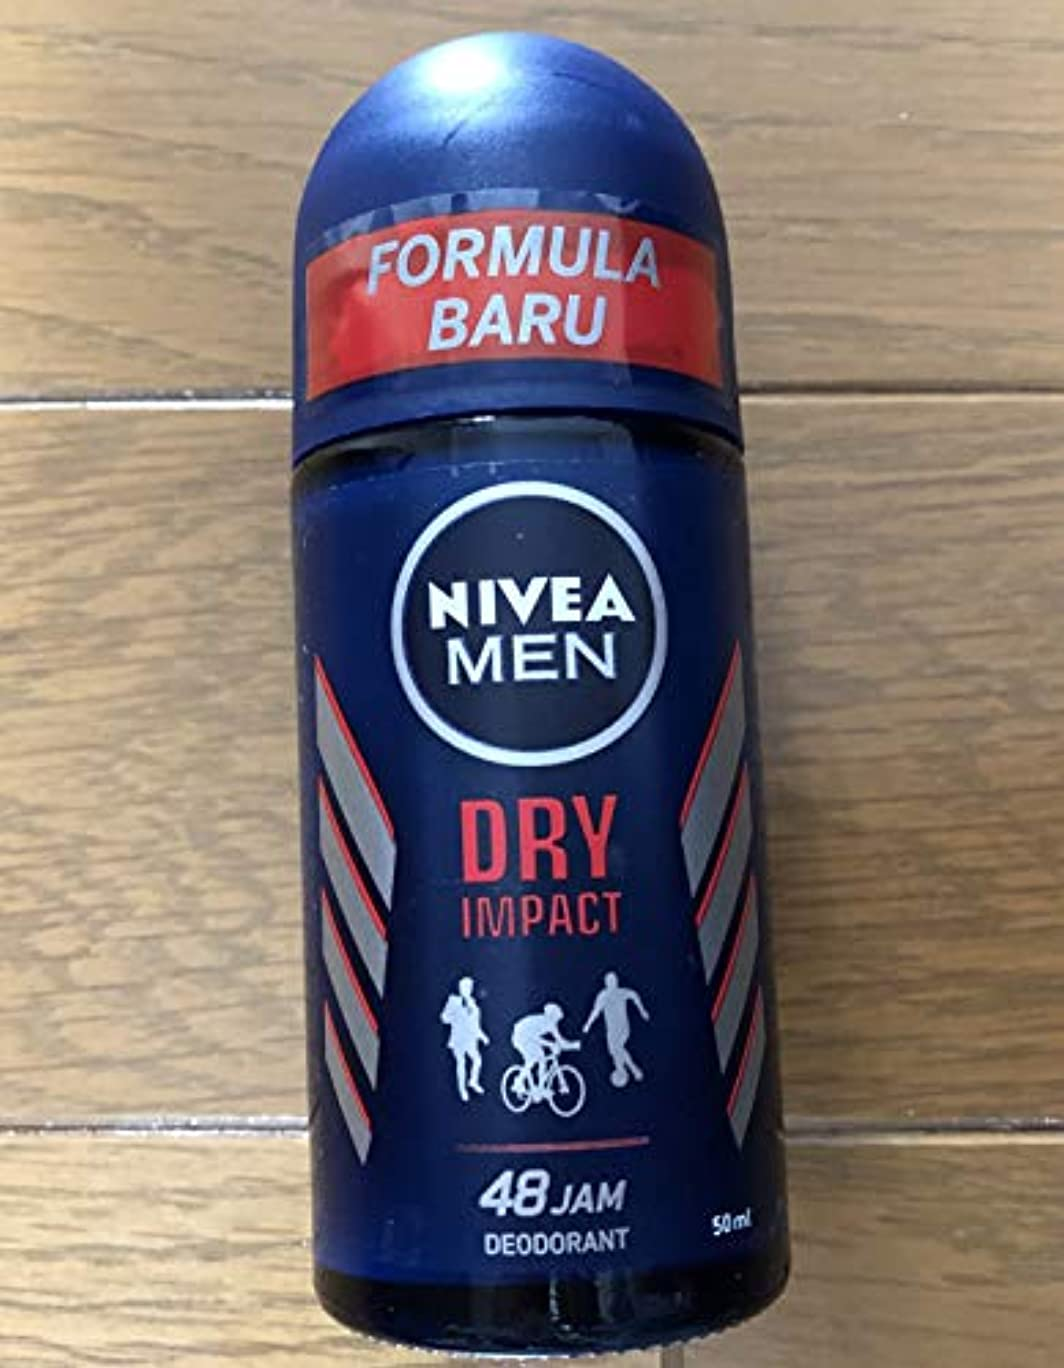 ネクタイケーブル行政Nivea Men Invisible Impact Roll On Anti-Perspirant Deodorant 50ml - 制汗デオドラント50ミリリットルのニベア男性の目に見えない影響ロール [並行輸入品]